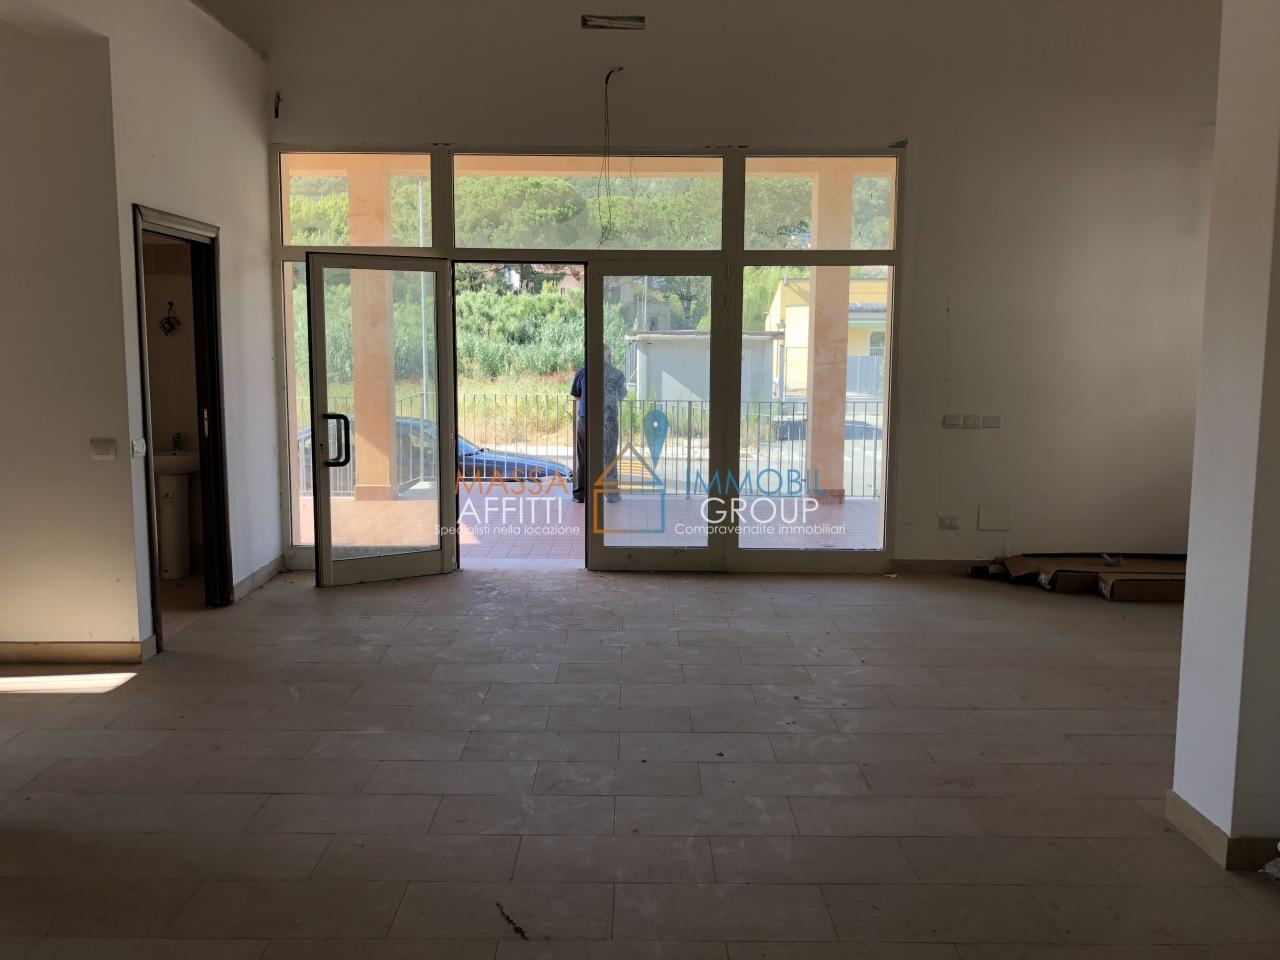 Locale commerciale - 2 Vetrine a Albiano Magra, Aulla Rif. 7240352